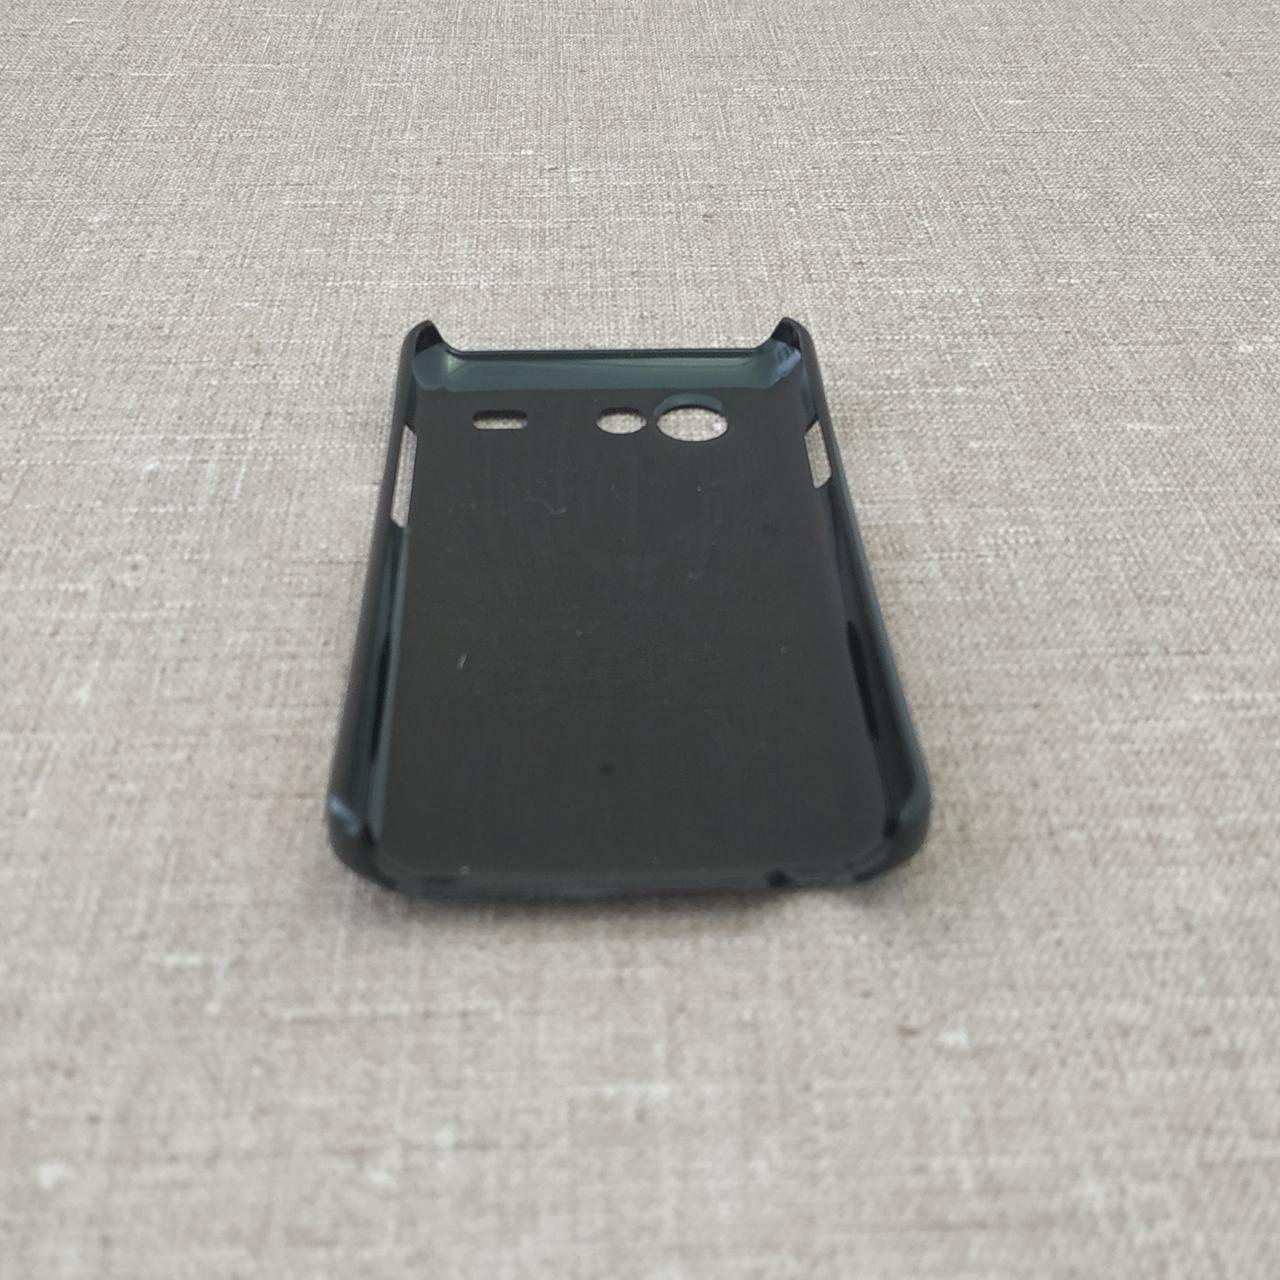 Накладка ROCK Color-ful Samsung i9070 Advance black Galaxy S (i9070)